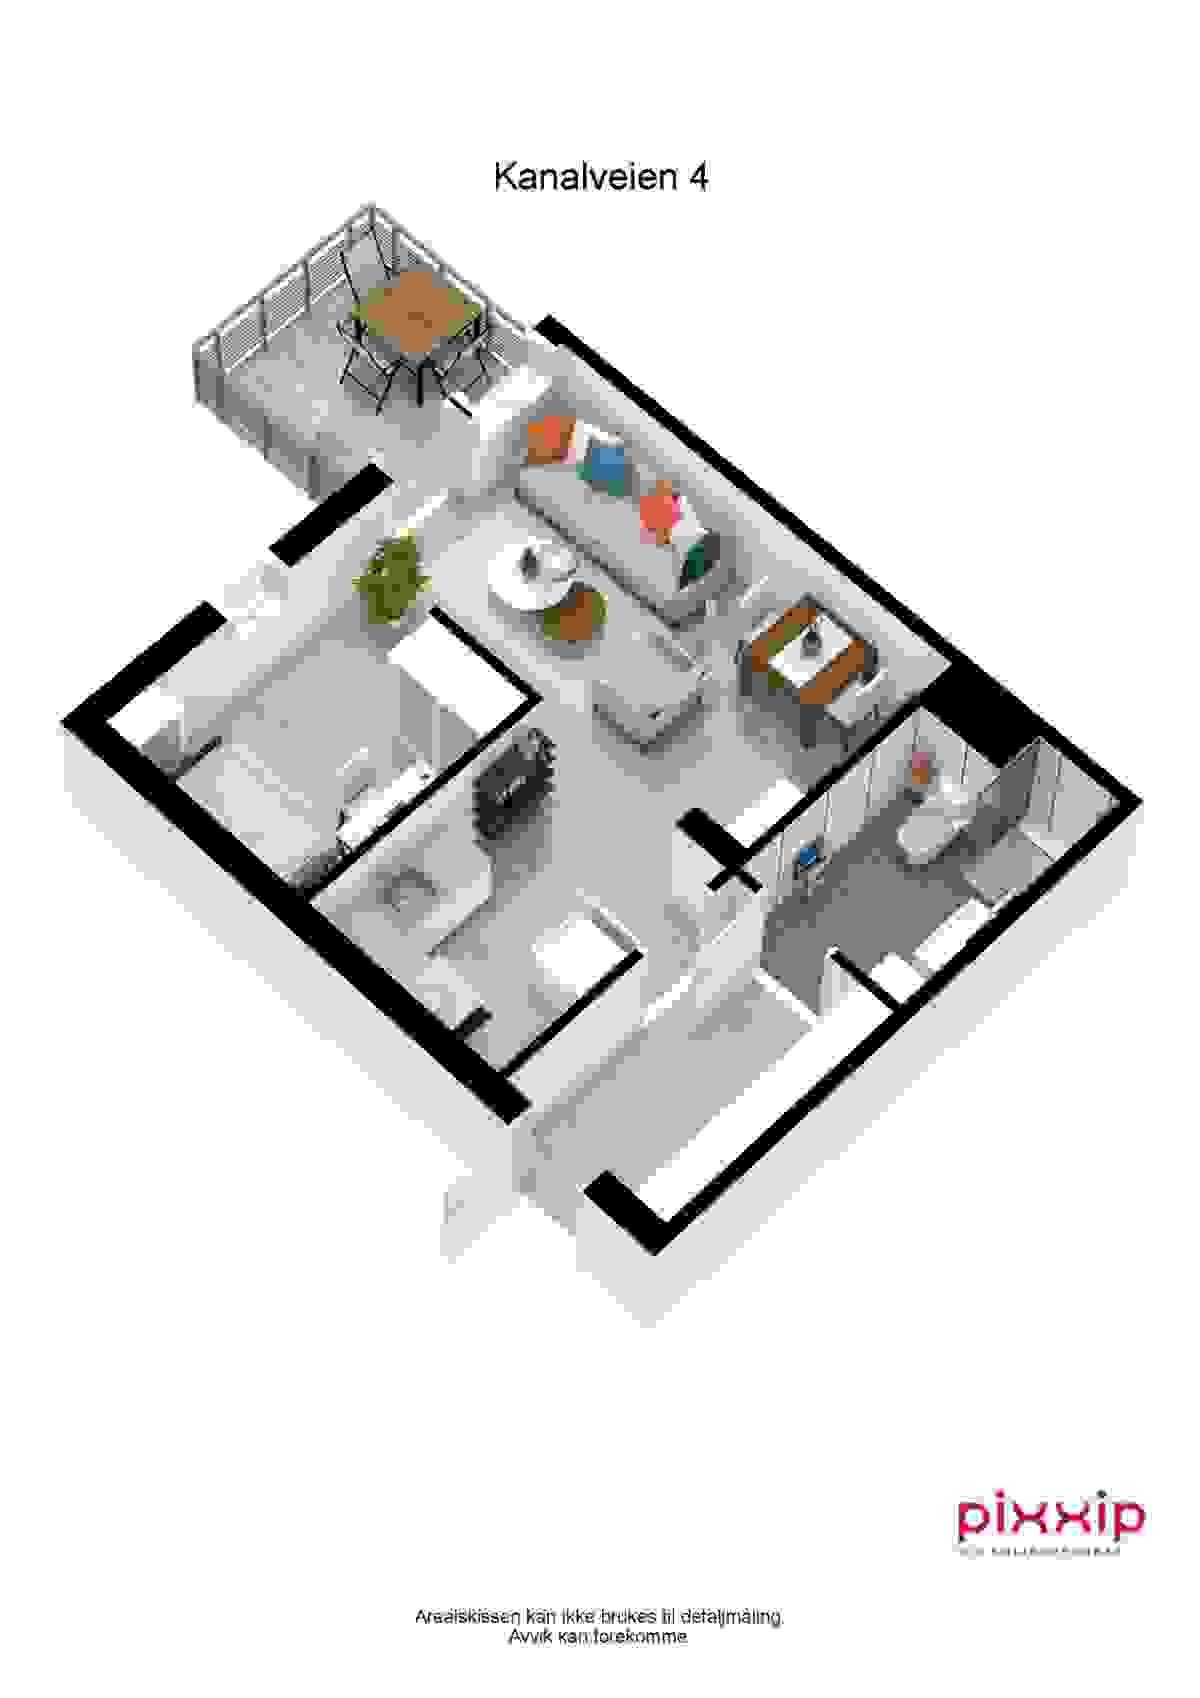 Planskisse - NB! Det er ettermontert glassdør mellom stue og soveromsnisje